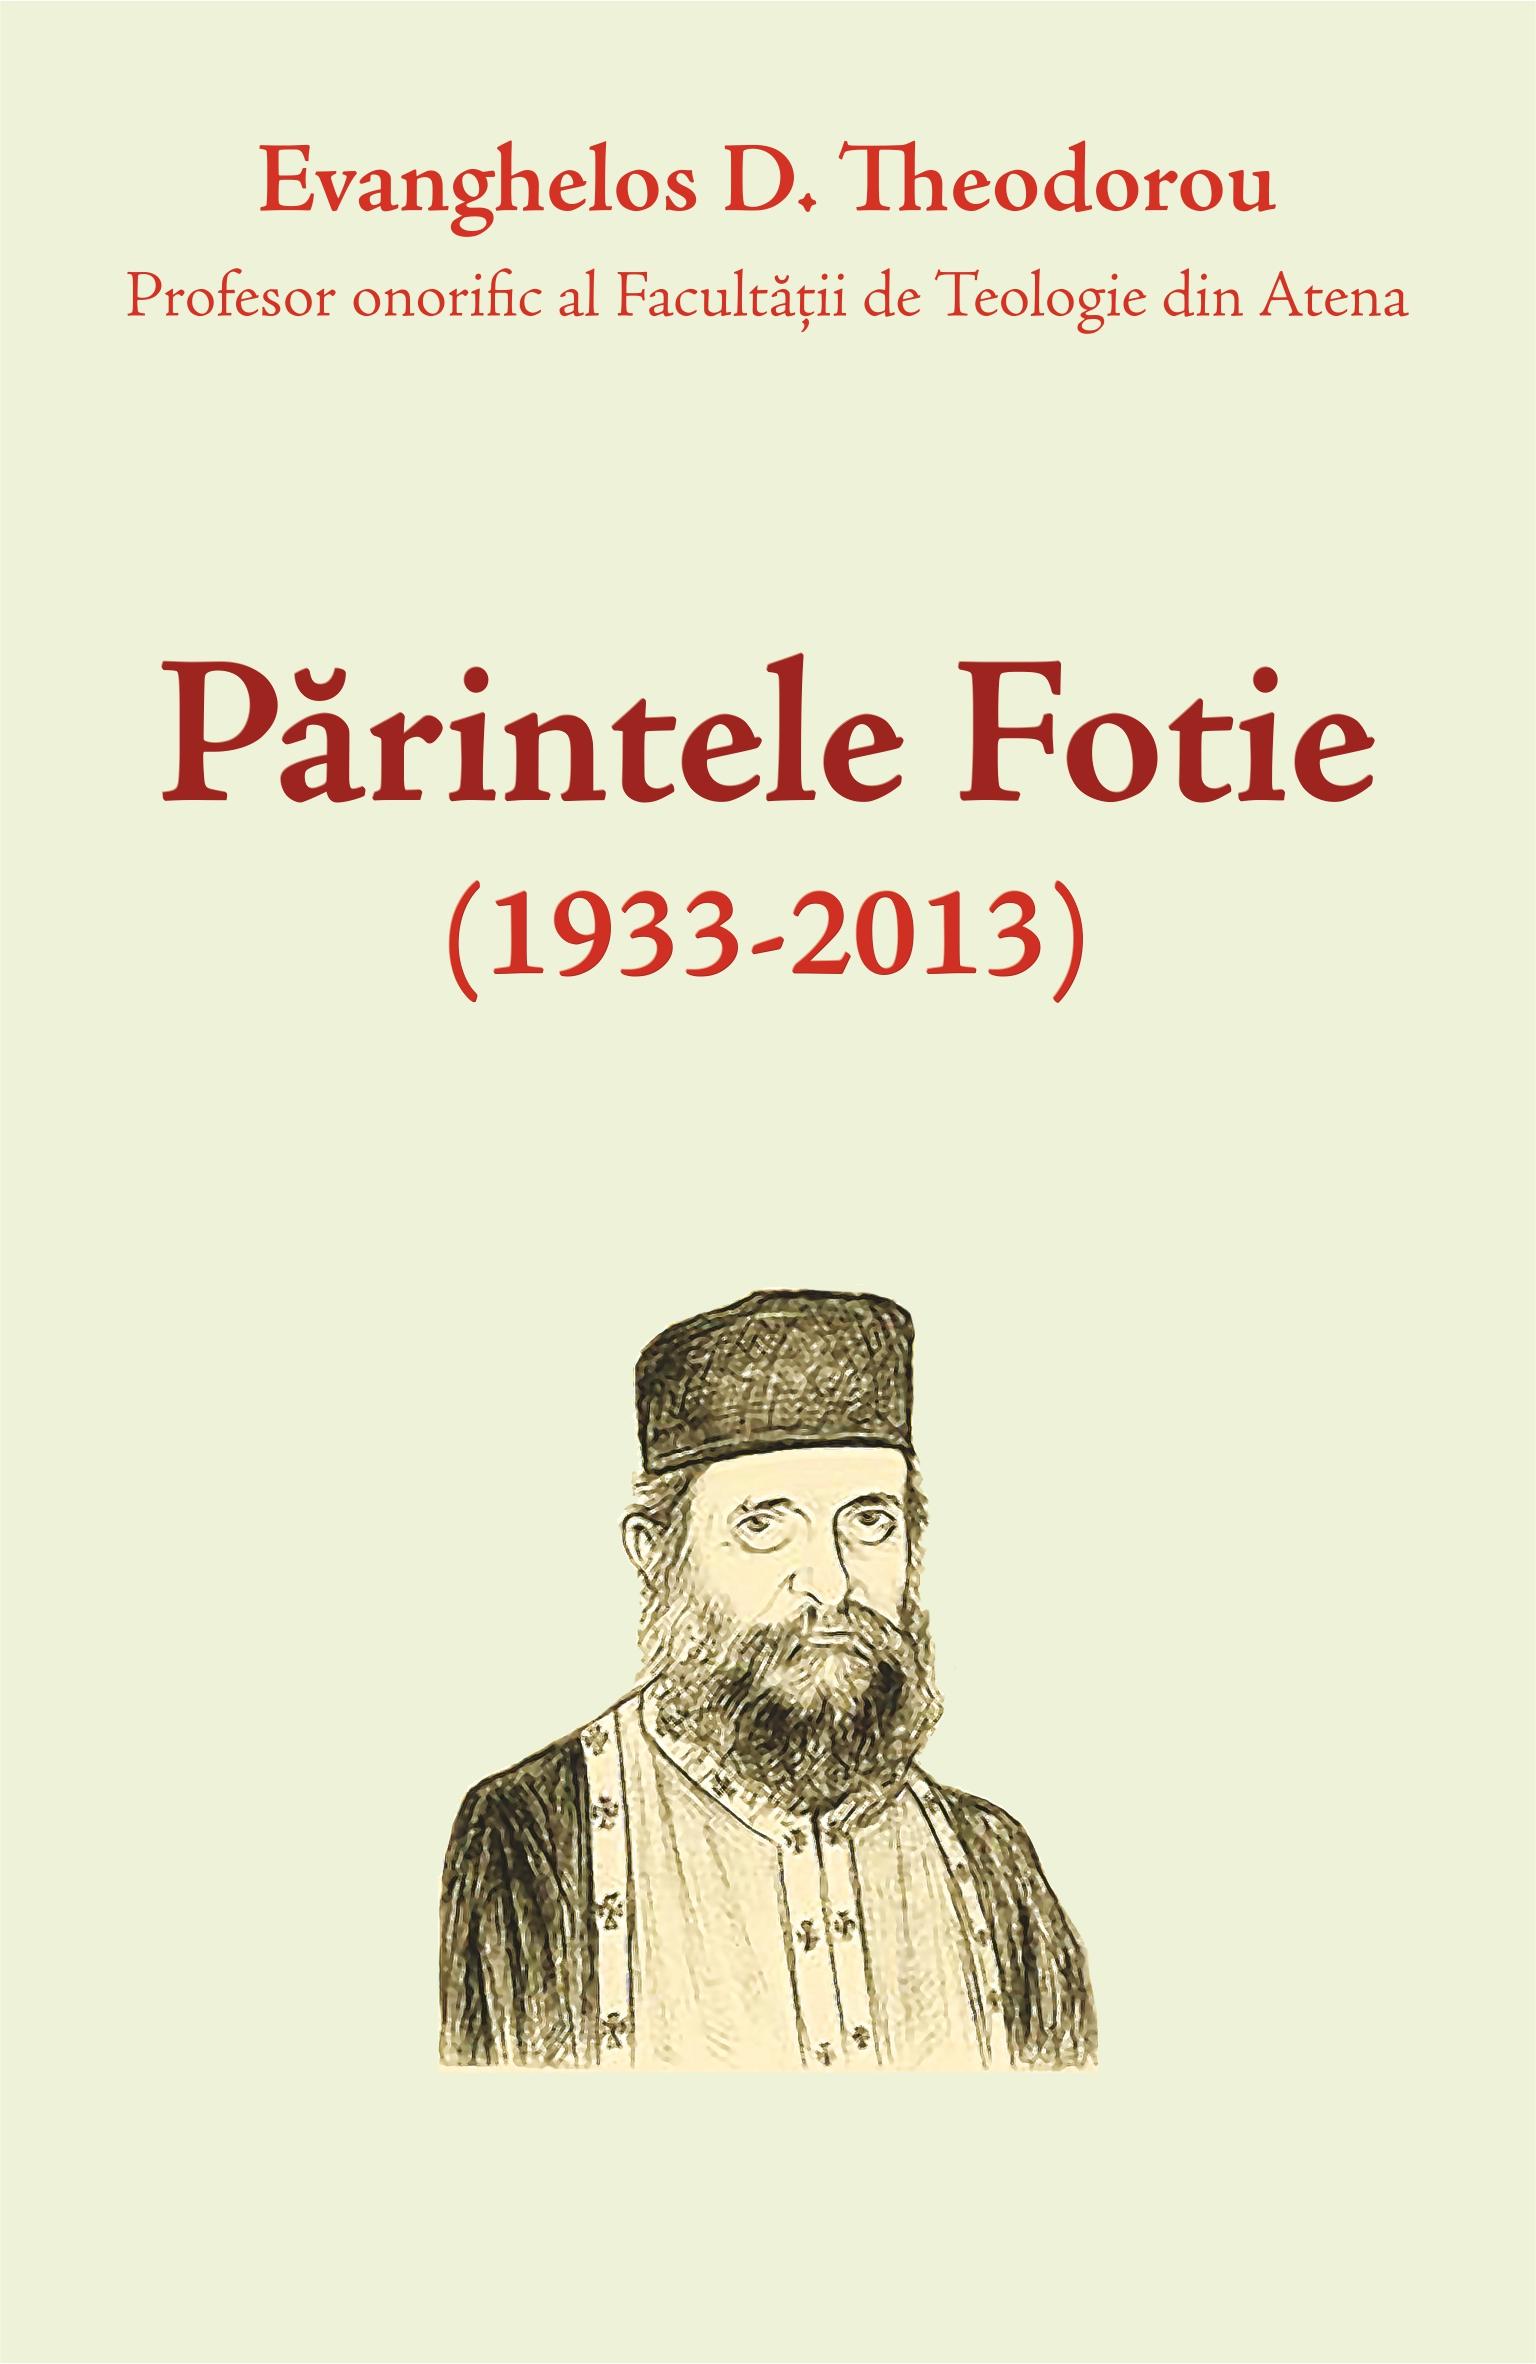 Părintele Fotie (1933-2013)